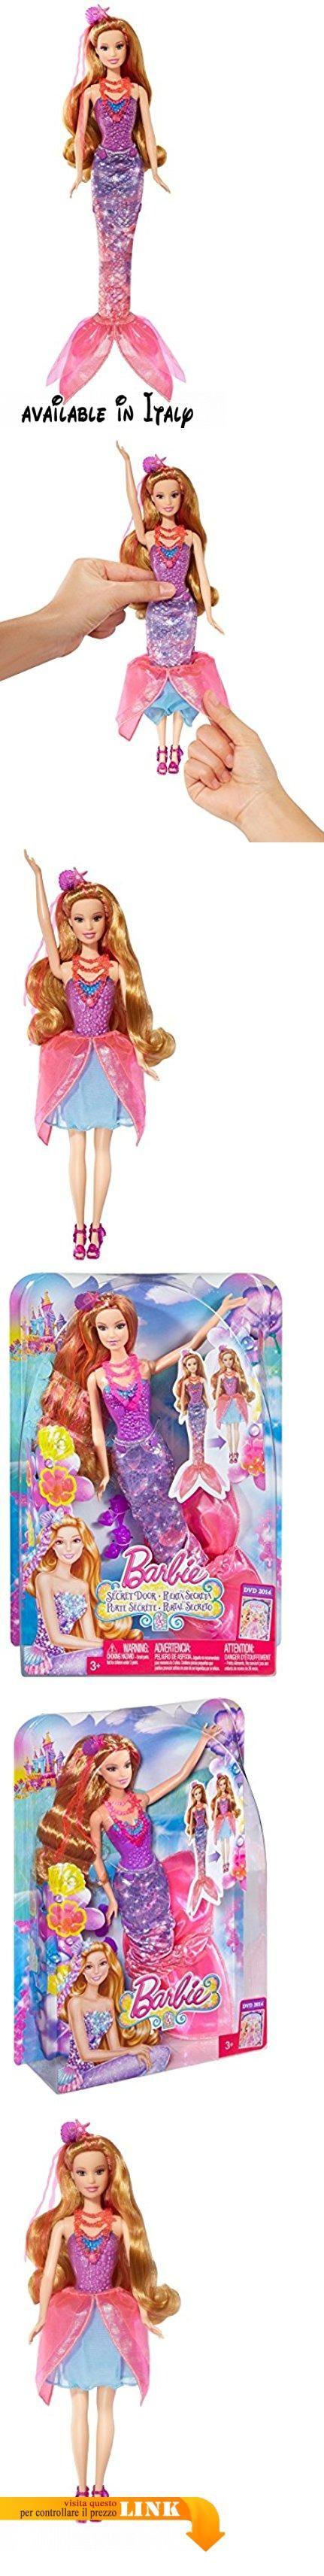 """Barbie CKN73 - Sirena Trasformazioni Magiche. Dal nuovo film """"Barbie e la porta segreta"""". Sirenetta magica dai folti capelli lunghi circa 18 cm. Tirando giù la gonna del look da party scoprirai la versione Sirenetta con le pinne. La magica Sirenetta indossa un'elegante collana e fermaglio per capelli abbinato che luccica in colori neon come l'intero outfit. Fatina magica e sirenetta insieme garantiscono un doppio divertimento #Giocattolo #TOYS_AND_GAMES"""